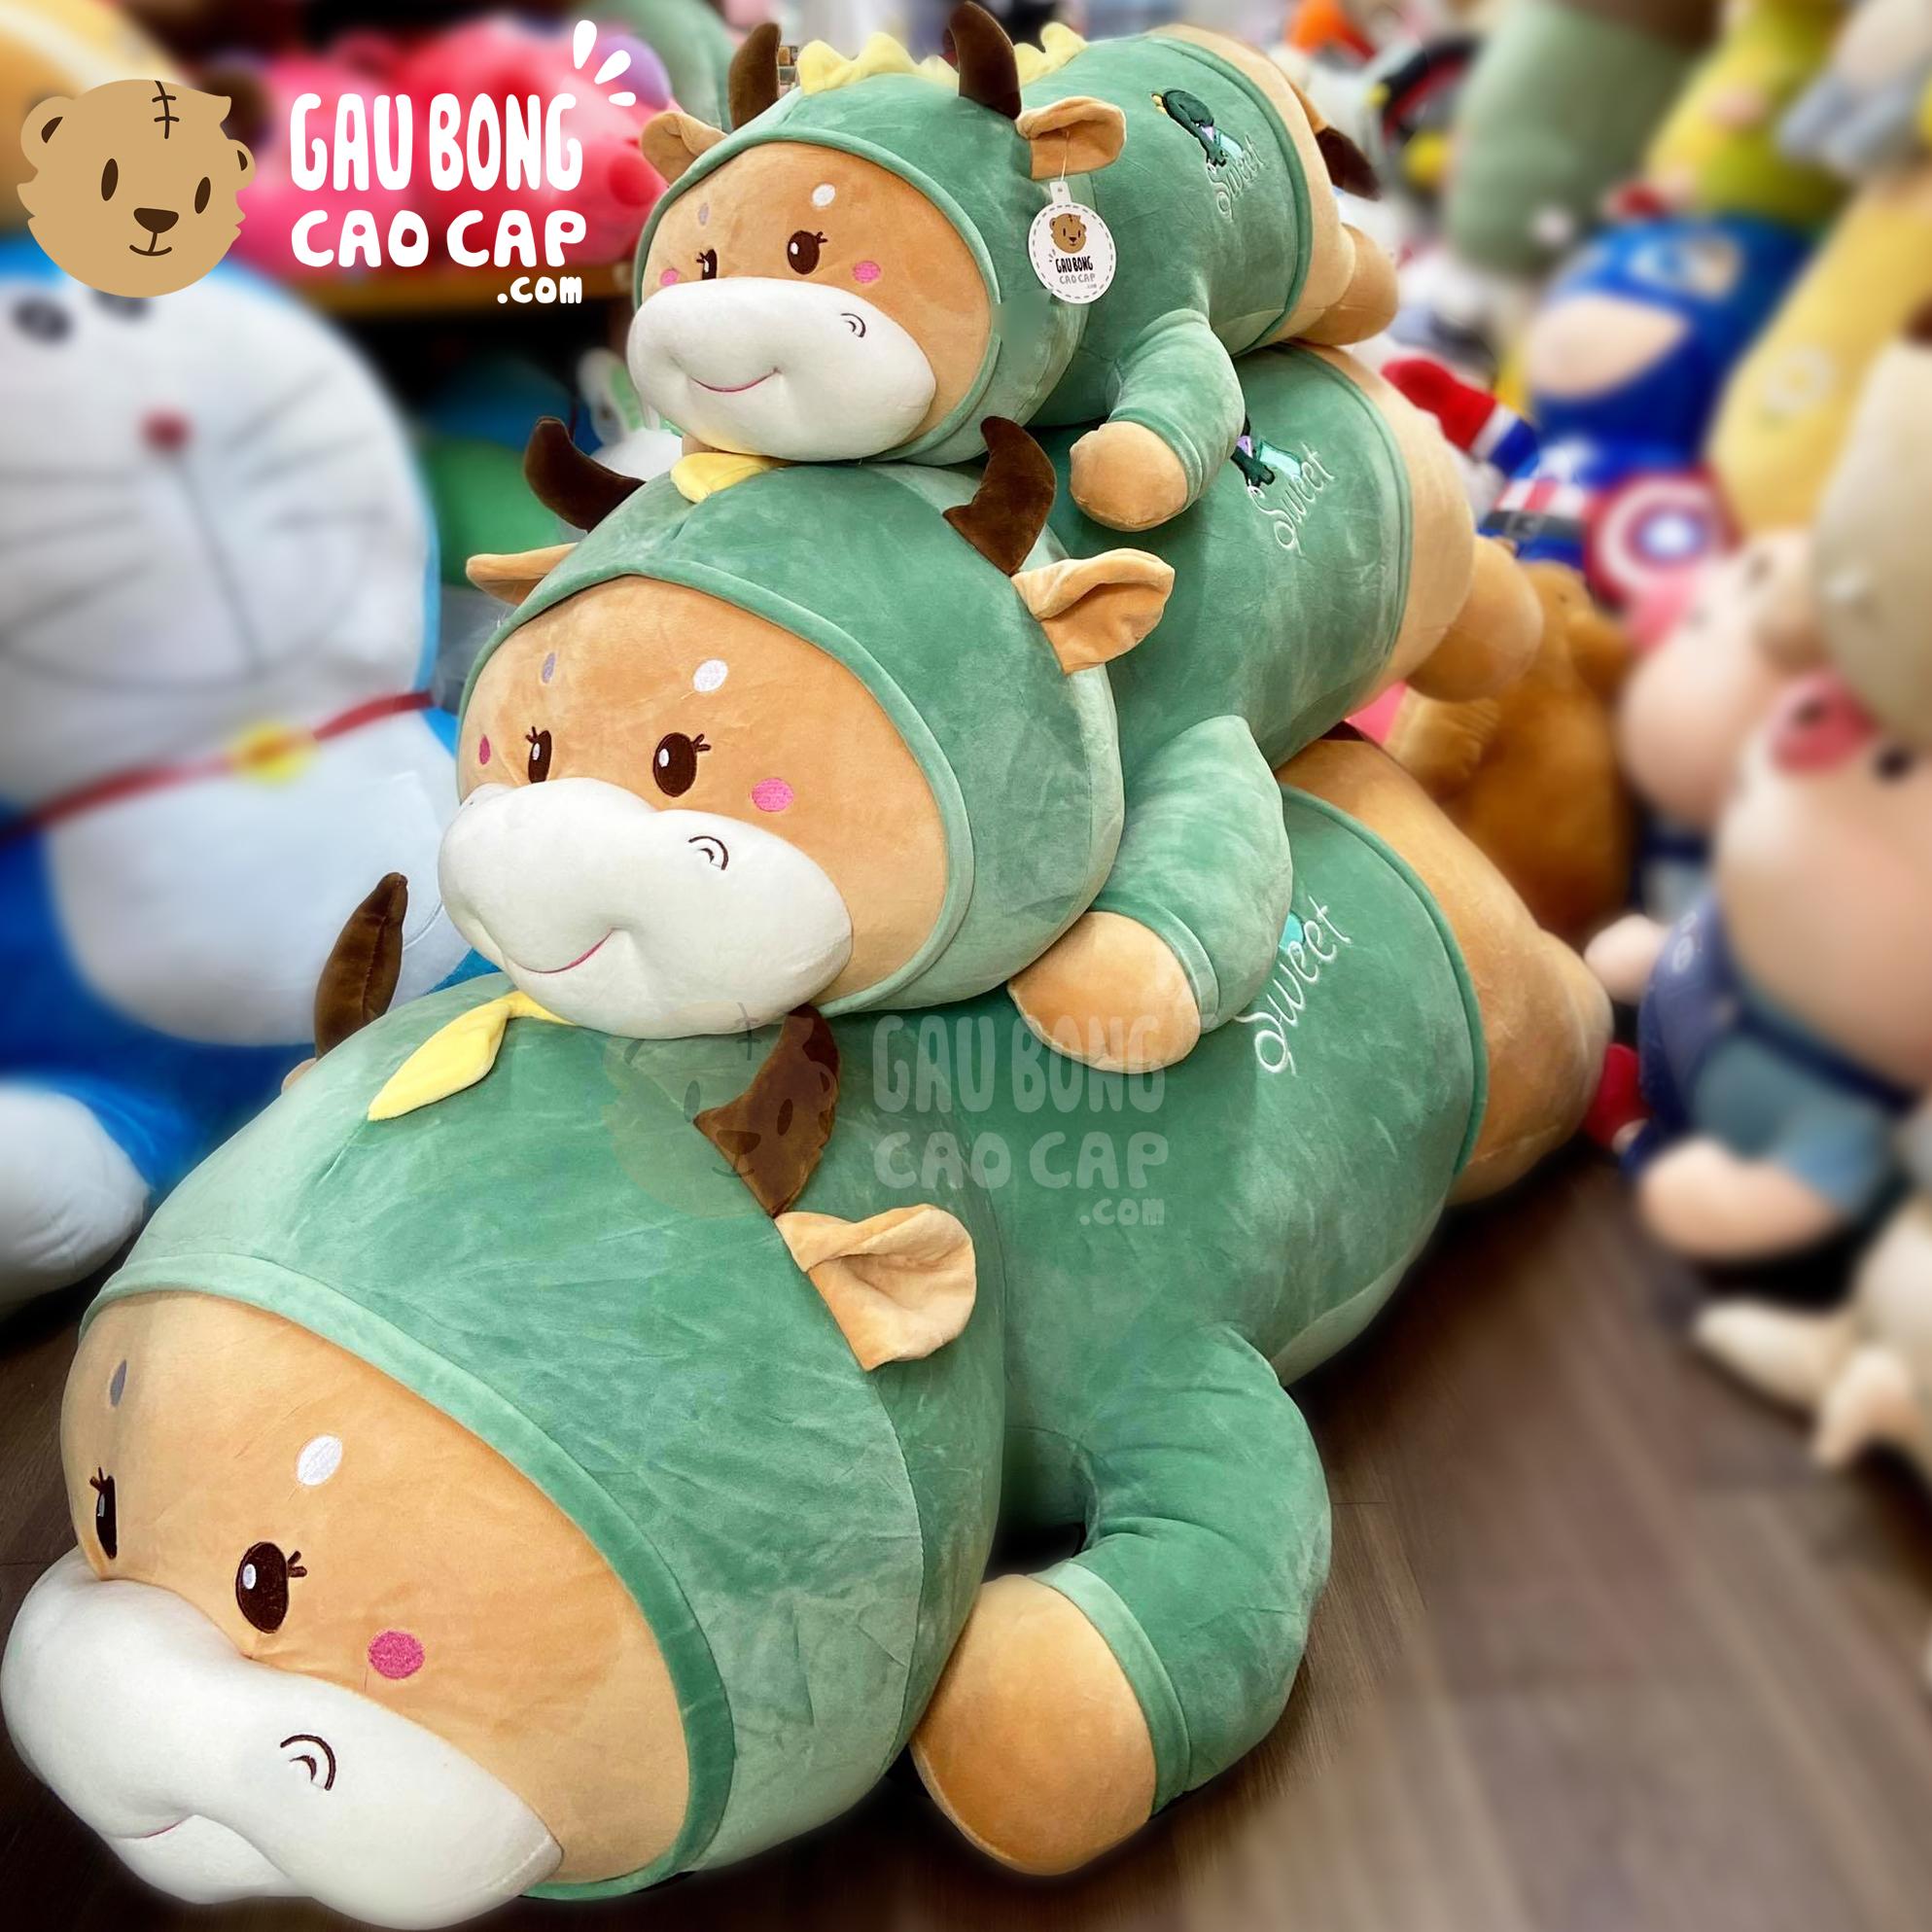 Gấu Bông Bò nằm cosplay Khủng Long xanh